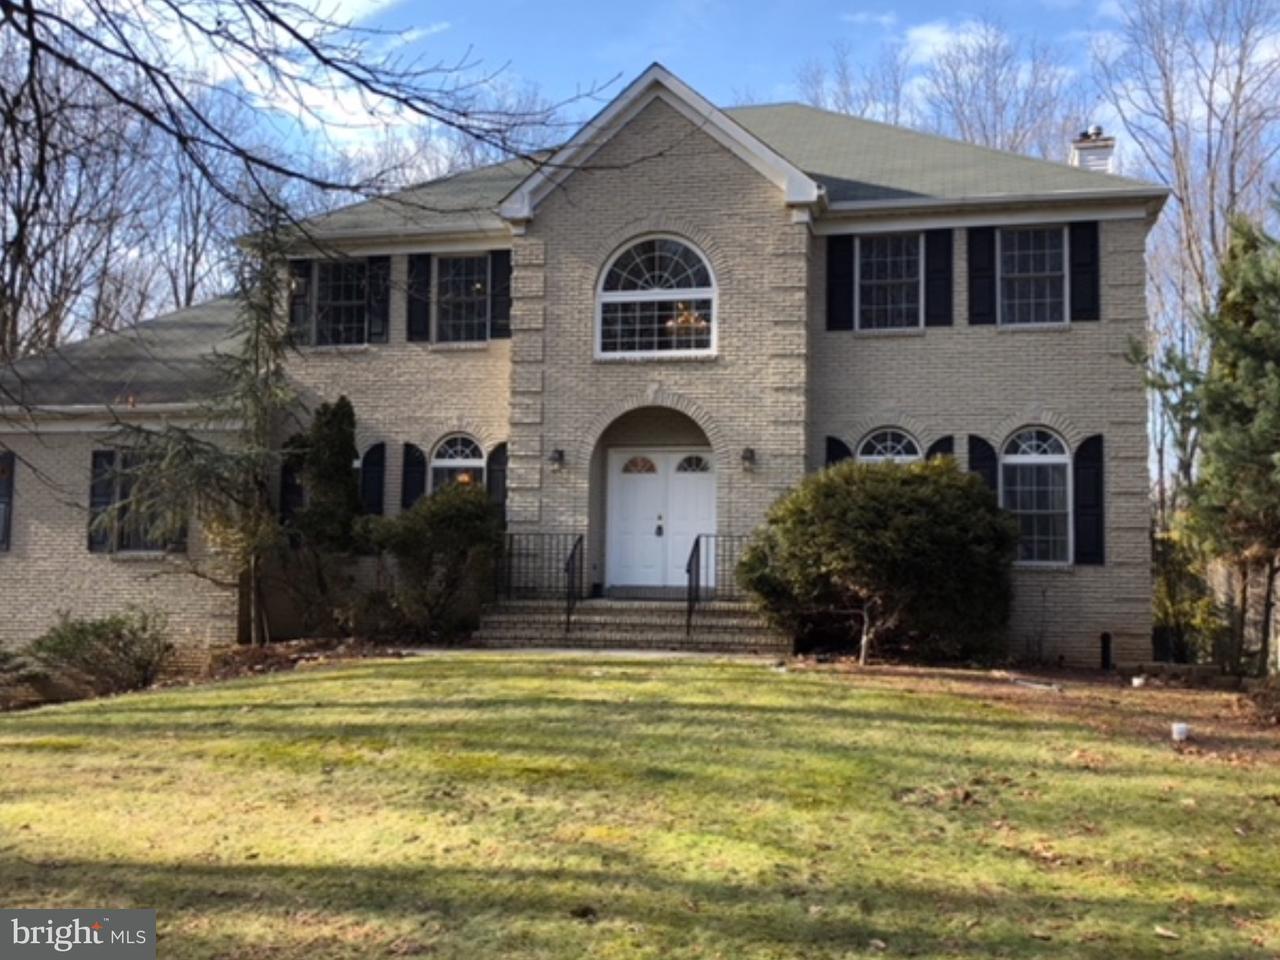 独户住宅 为 销售 在 10 COTTRELL Drive Clarksburg, 新泽西州 08510 美国